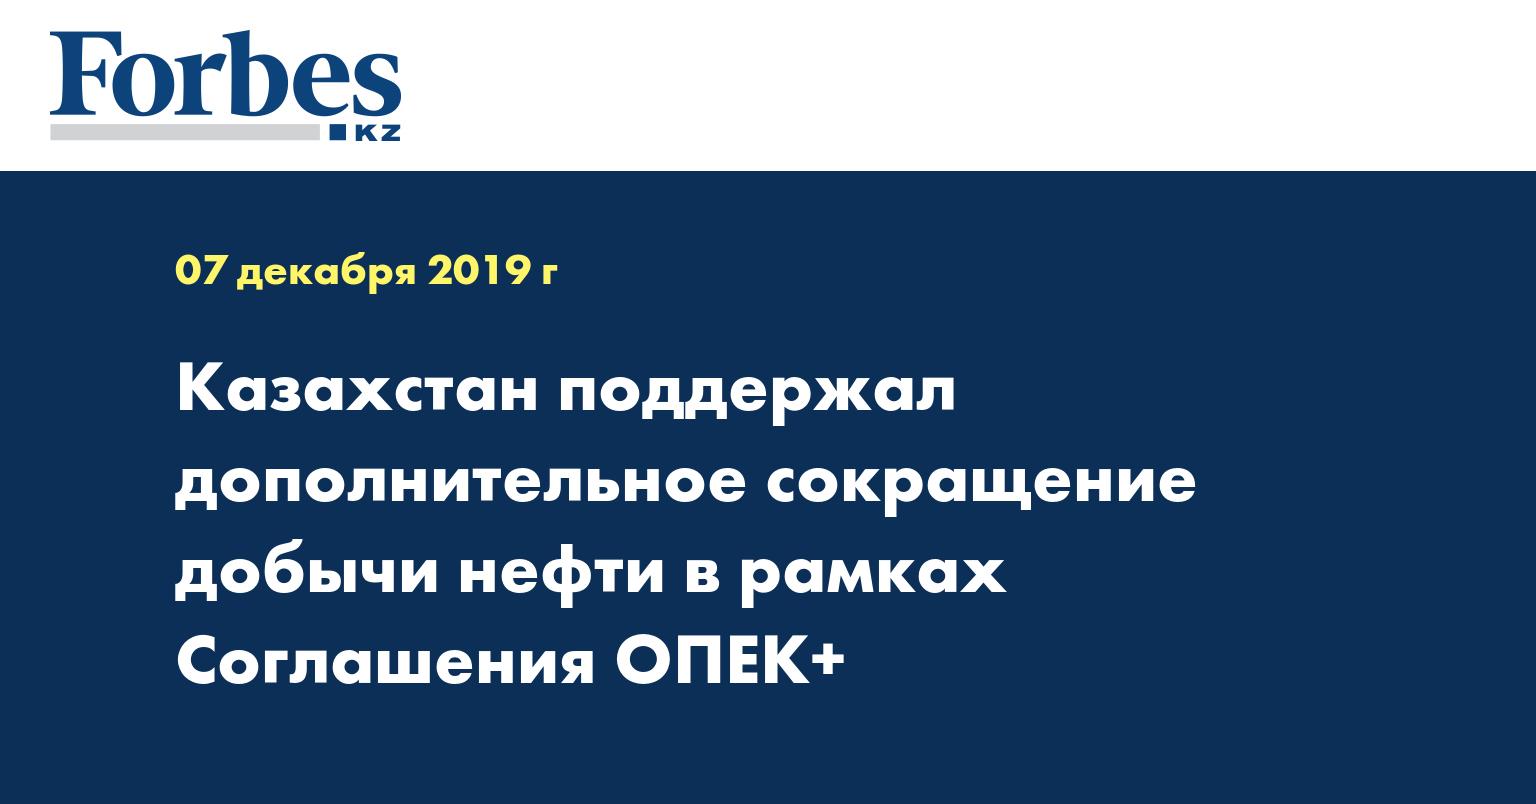 Казахстан поддержал дополнительное сокращение добычи нефти в рамках Соглашения ОПЕК+